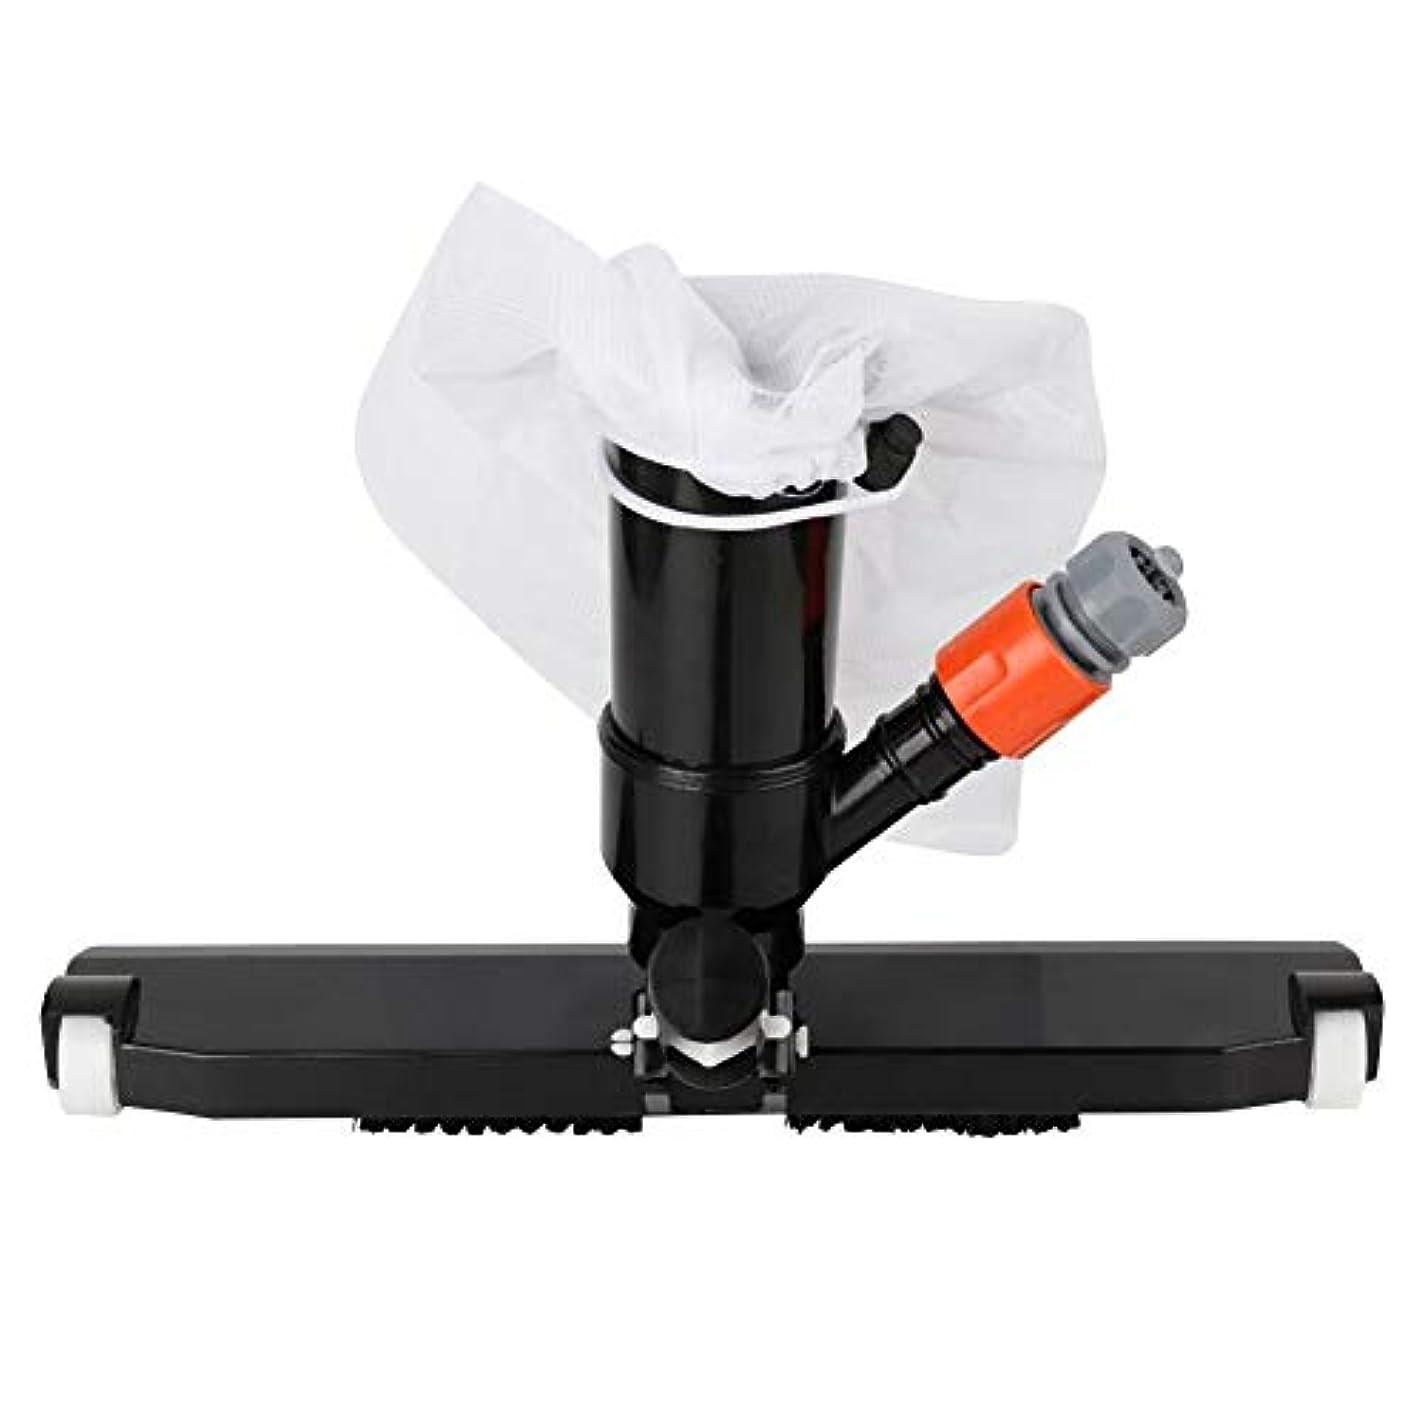 同情間隔むちゃくちゃHappysource プールサクションヘッド掃除機ブラシスパ池汚れクリーナー用品